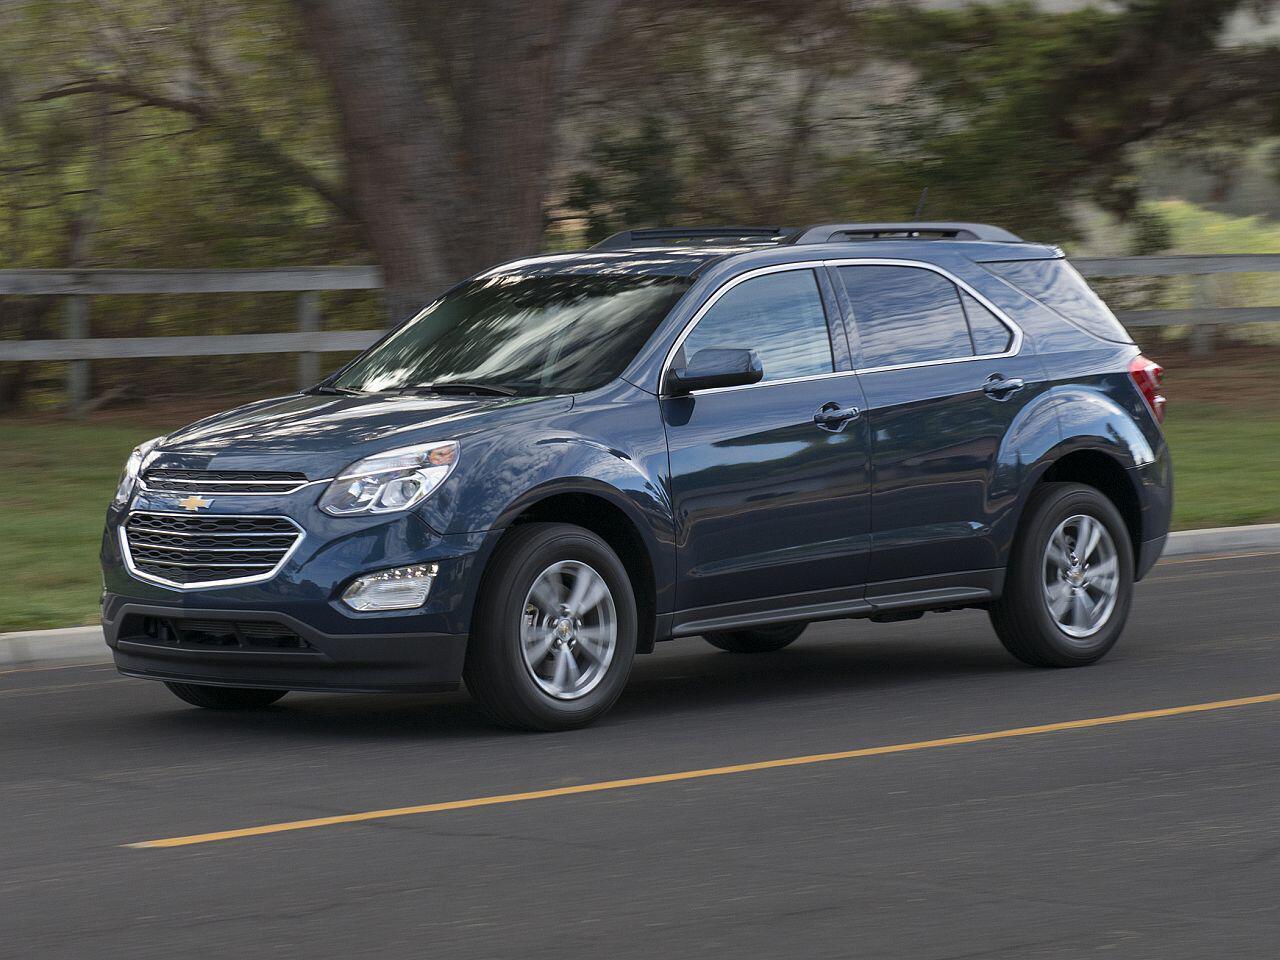 Bild zu Platz 11: Chevrolet Equinox